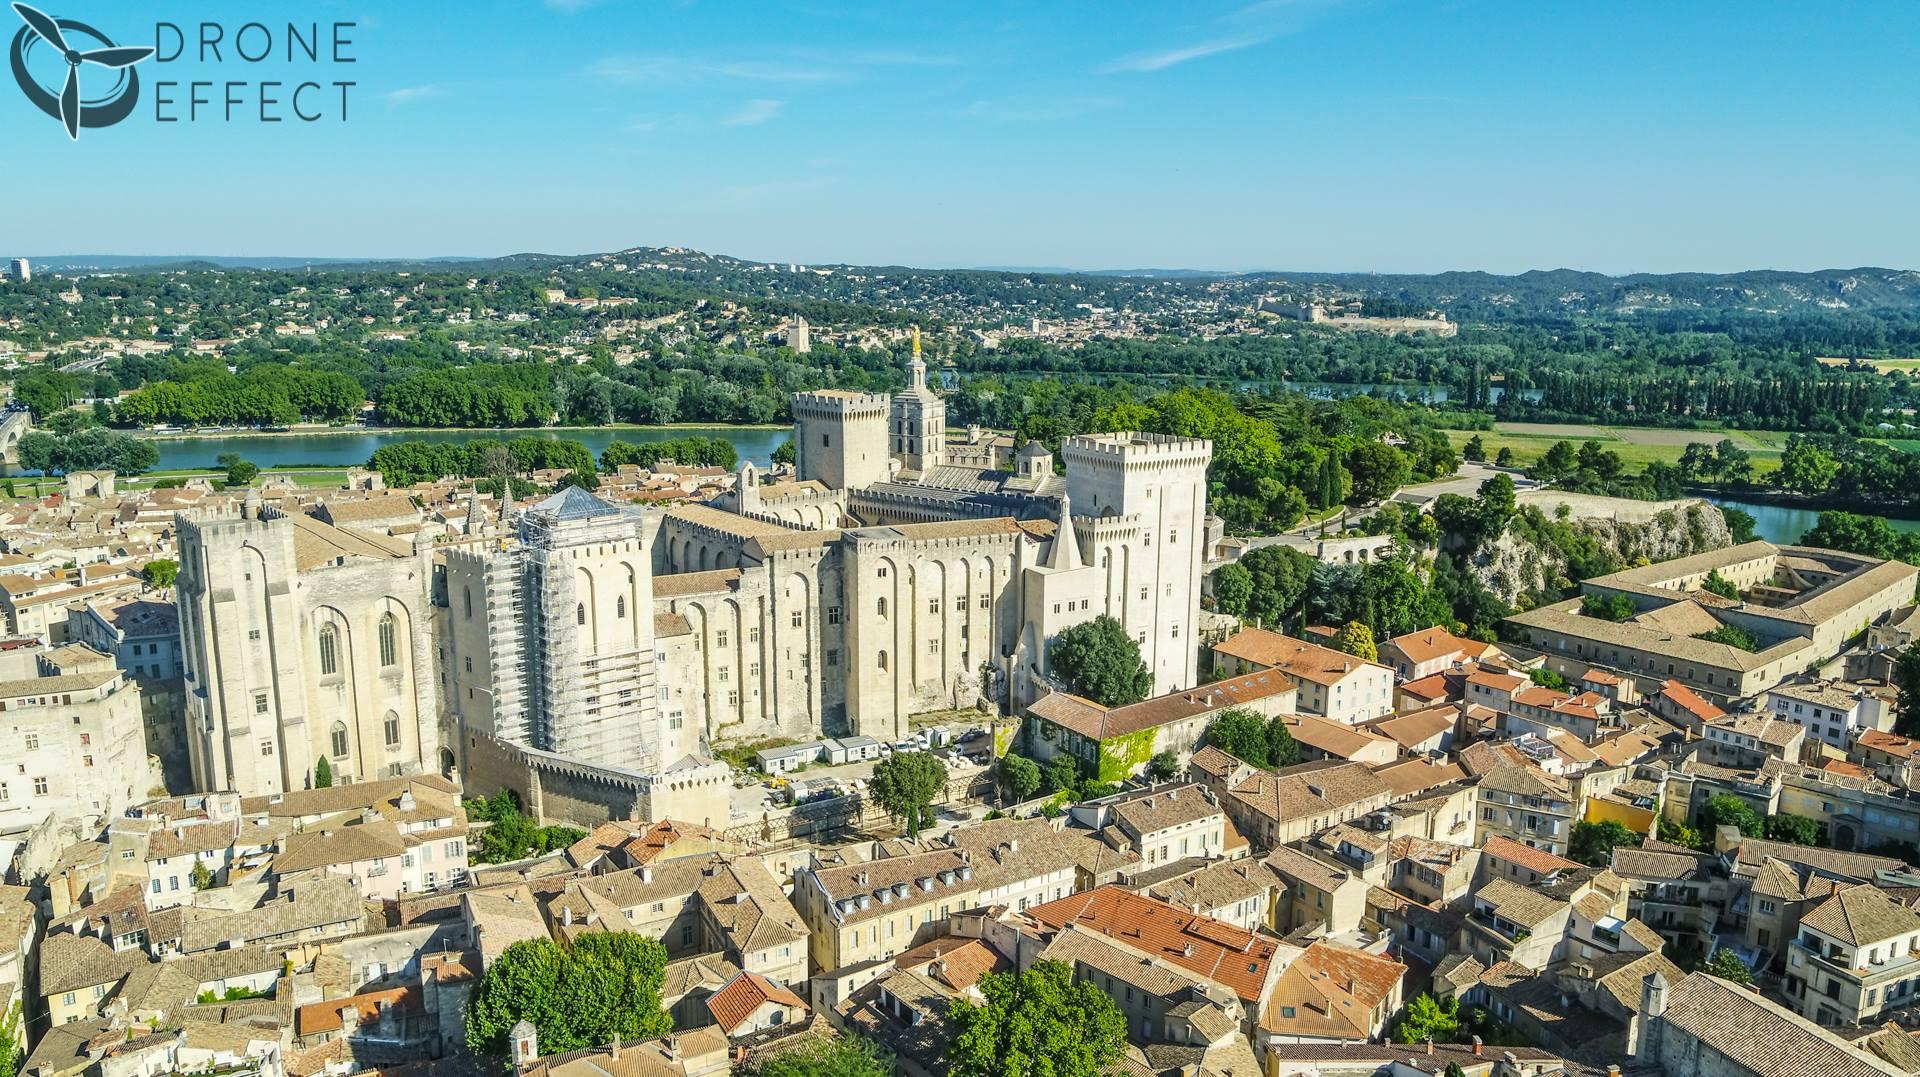 Photo de la ville d'Avignon, en vue aérienne par drone